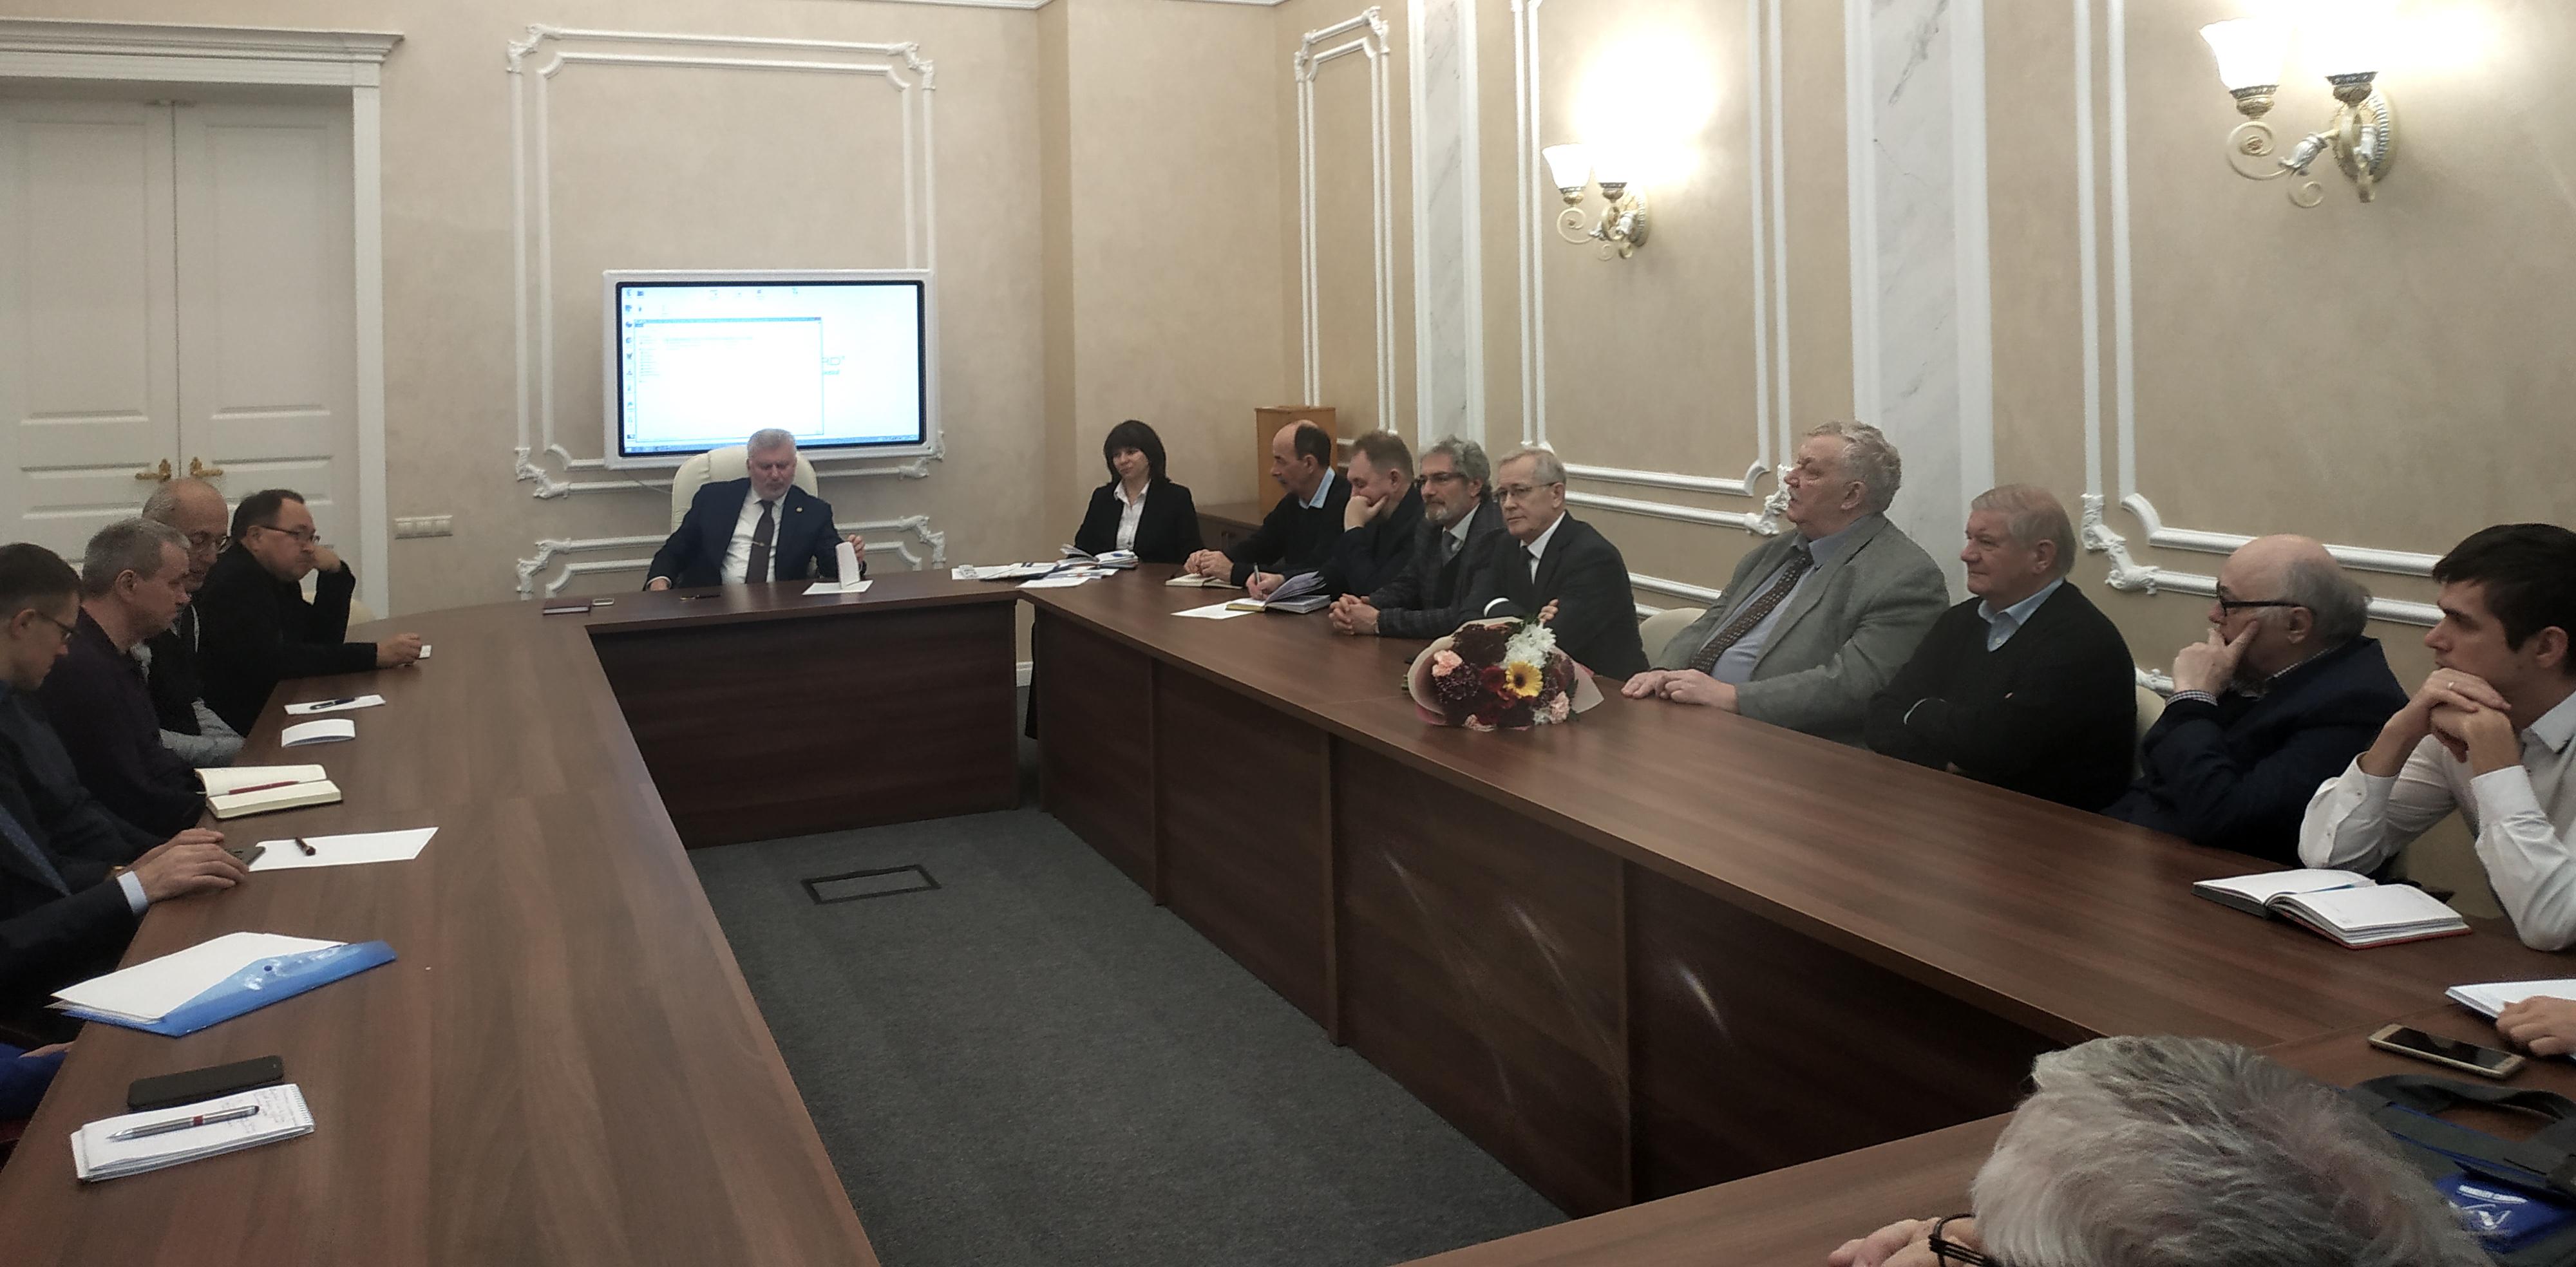 Об итогах Общего собрания РАН говорили на очередном заседании Объединенного Ученого совета ФИЦ КазНЦ РАН